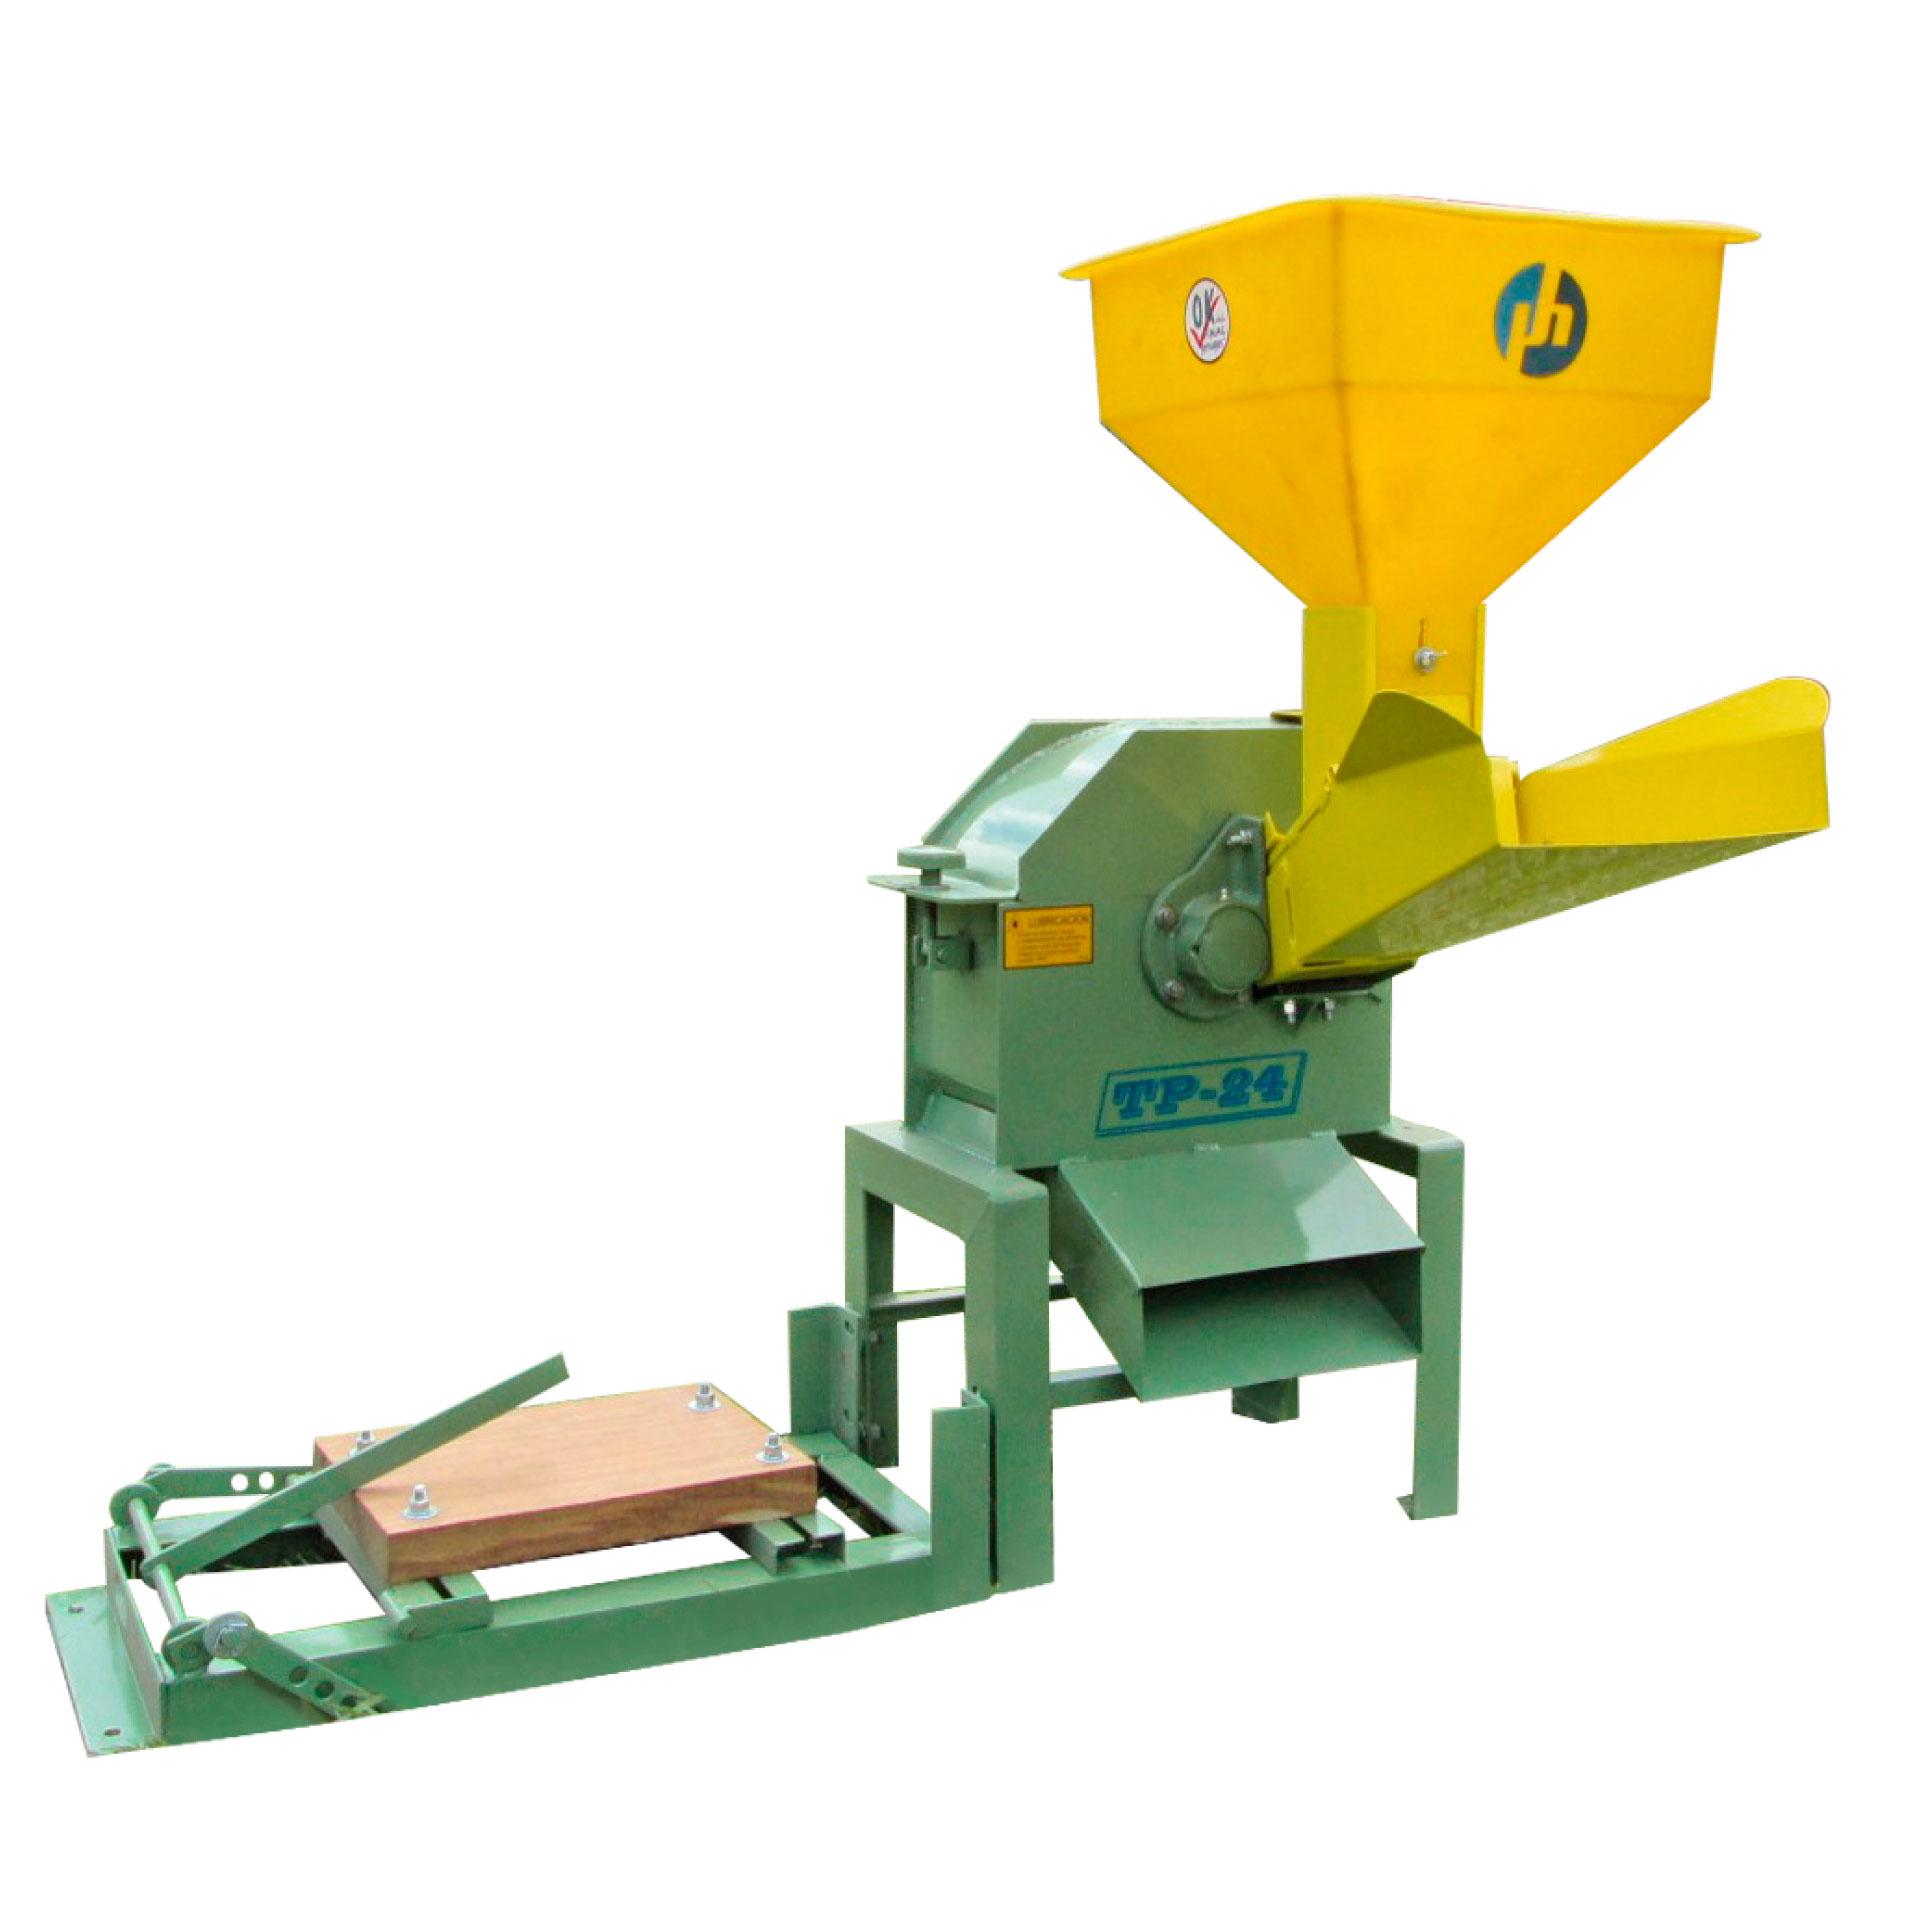 Triturador-Picador-Tp-24-Herramientas-Y-Equipos